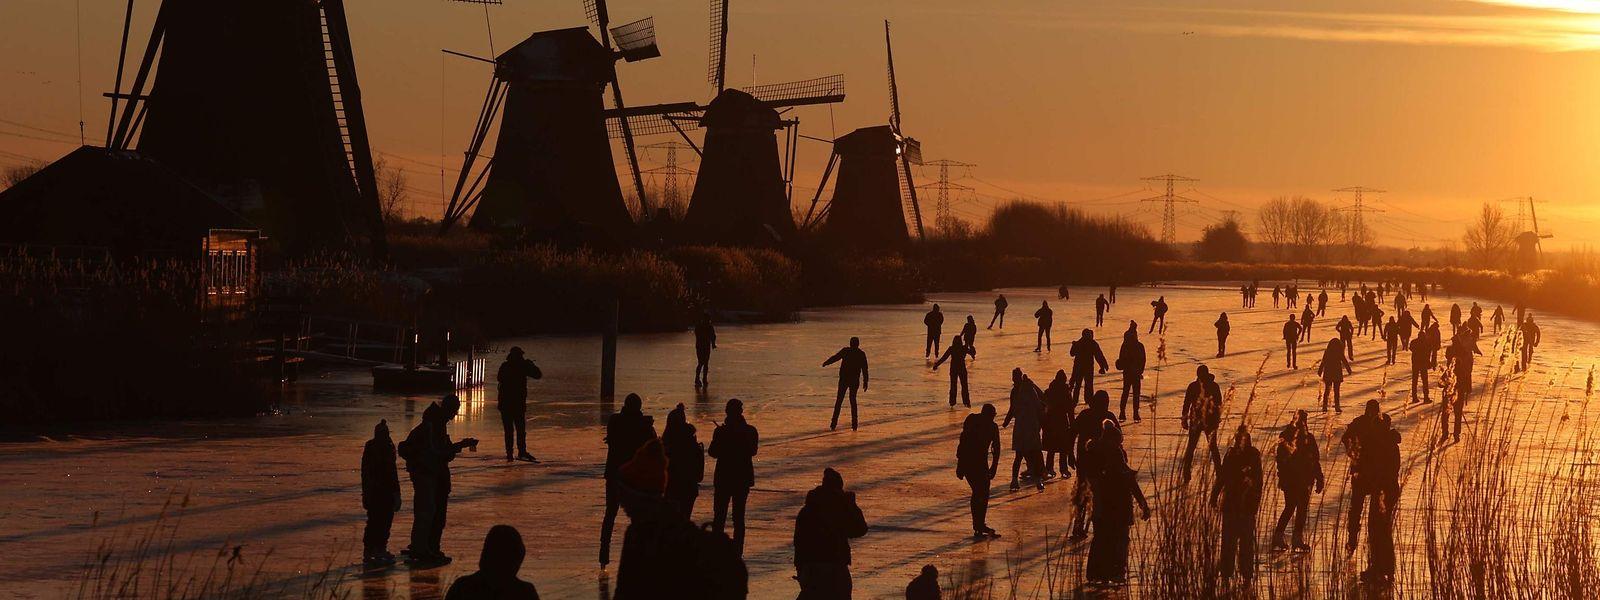 L'interdiction de sortie débute à 21h aux Pays-Bas, contre 23h au Luxembourg.